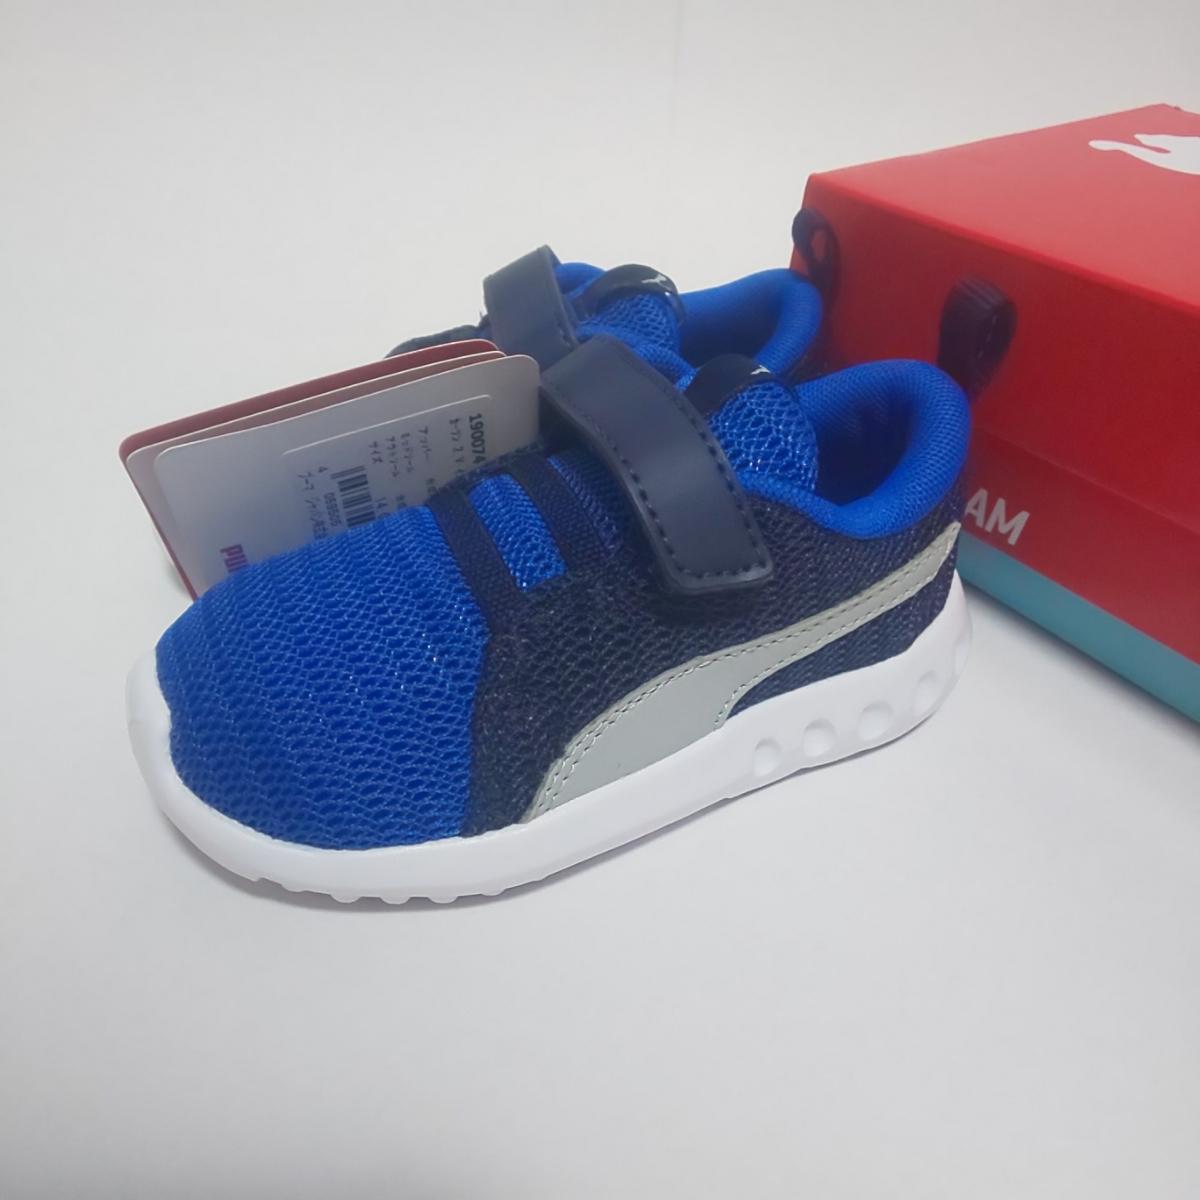 新品 PUMA スニーカー 14cm ブルー 男の子 キッズ プーマ 運動靴_画像1